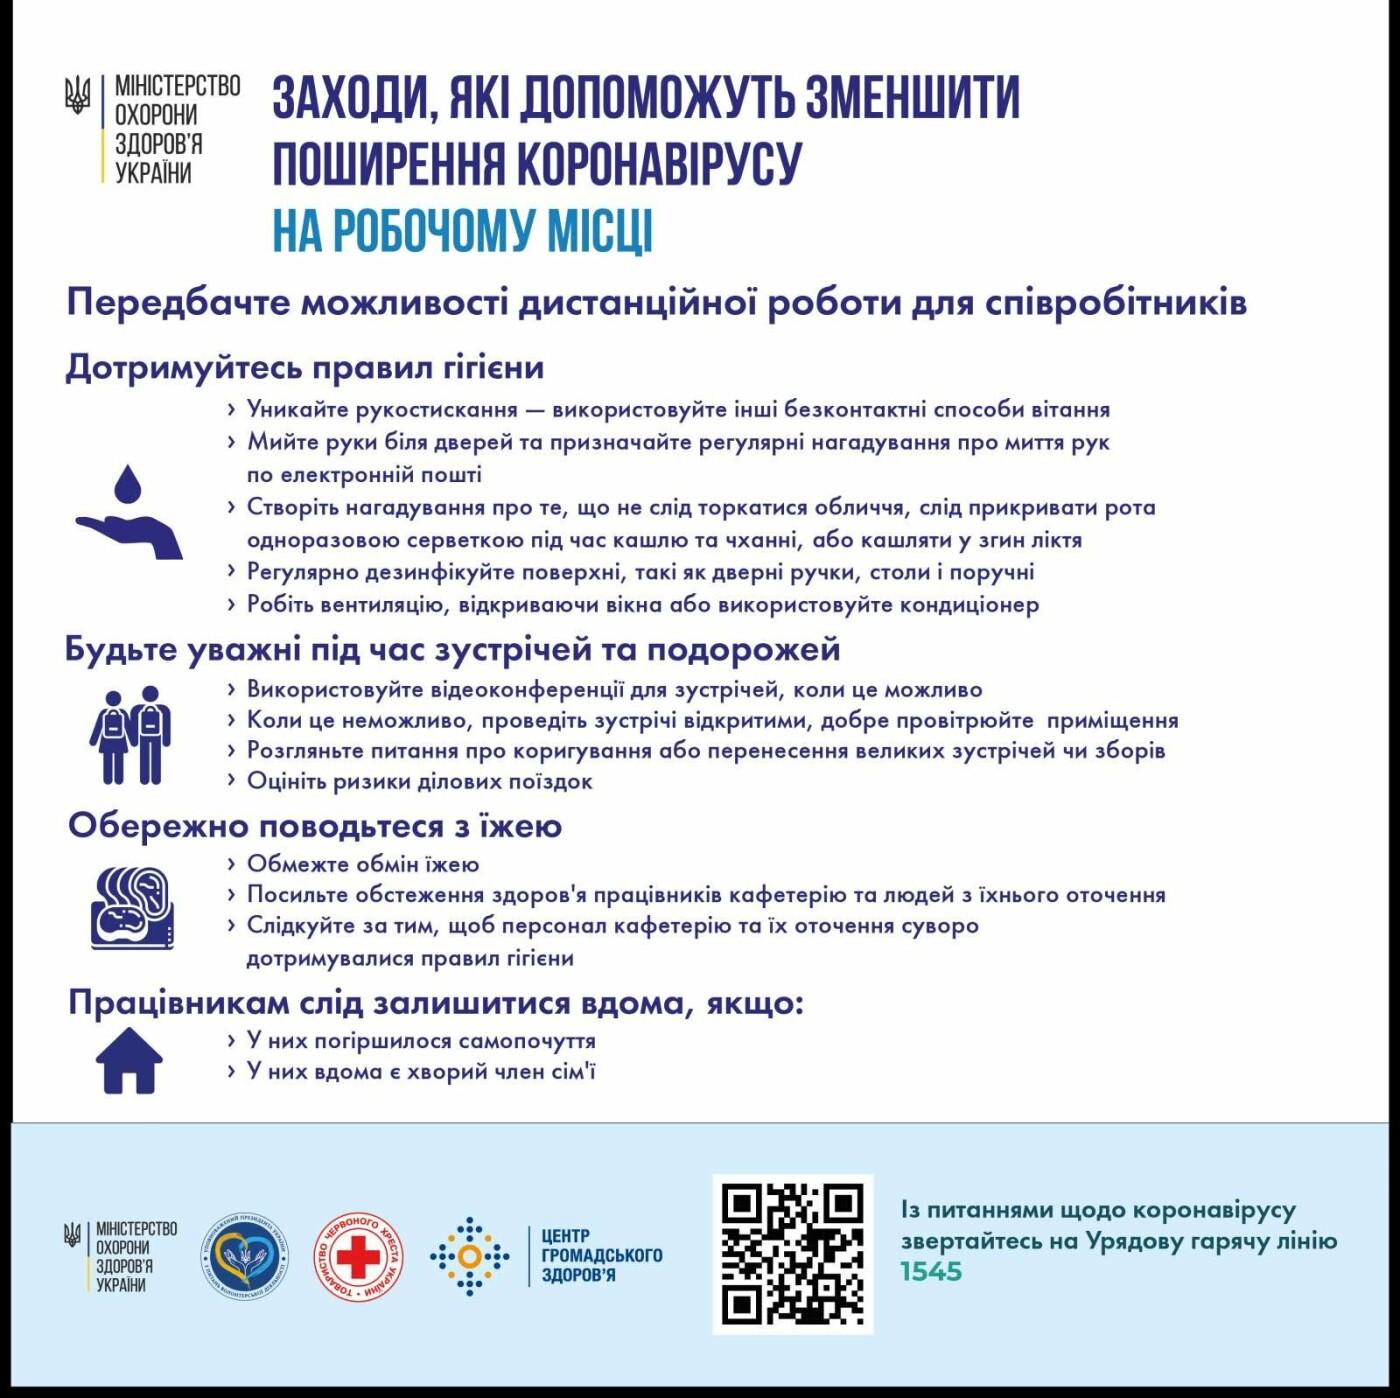 Як зменшити поширення коронавірусу - рекомендації МОЗу, фото-1